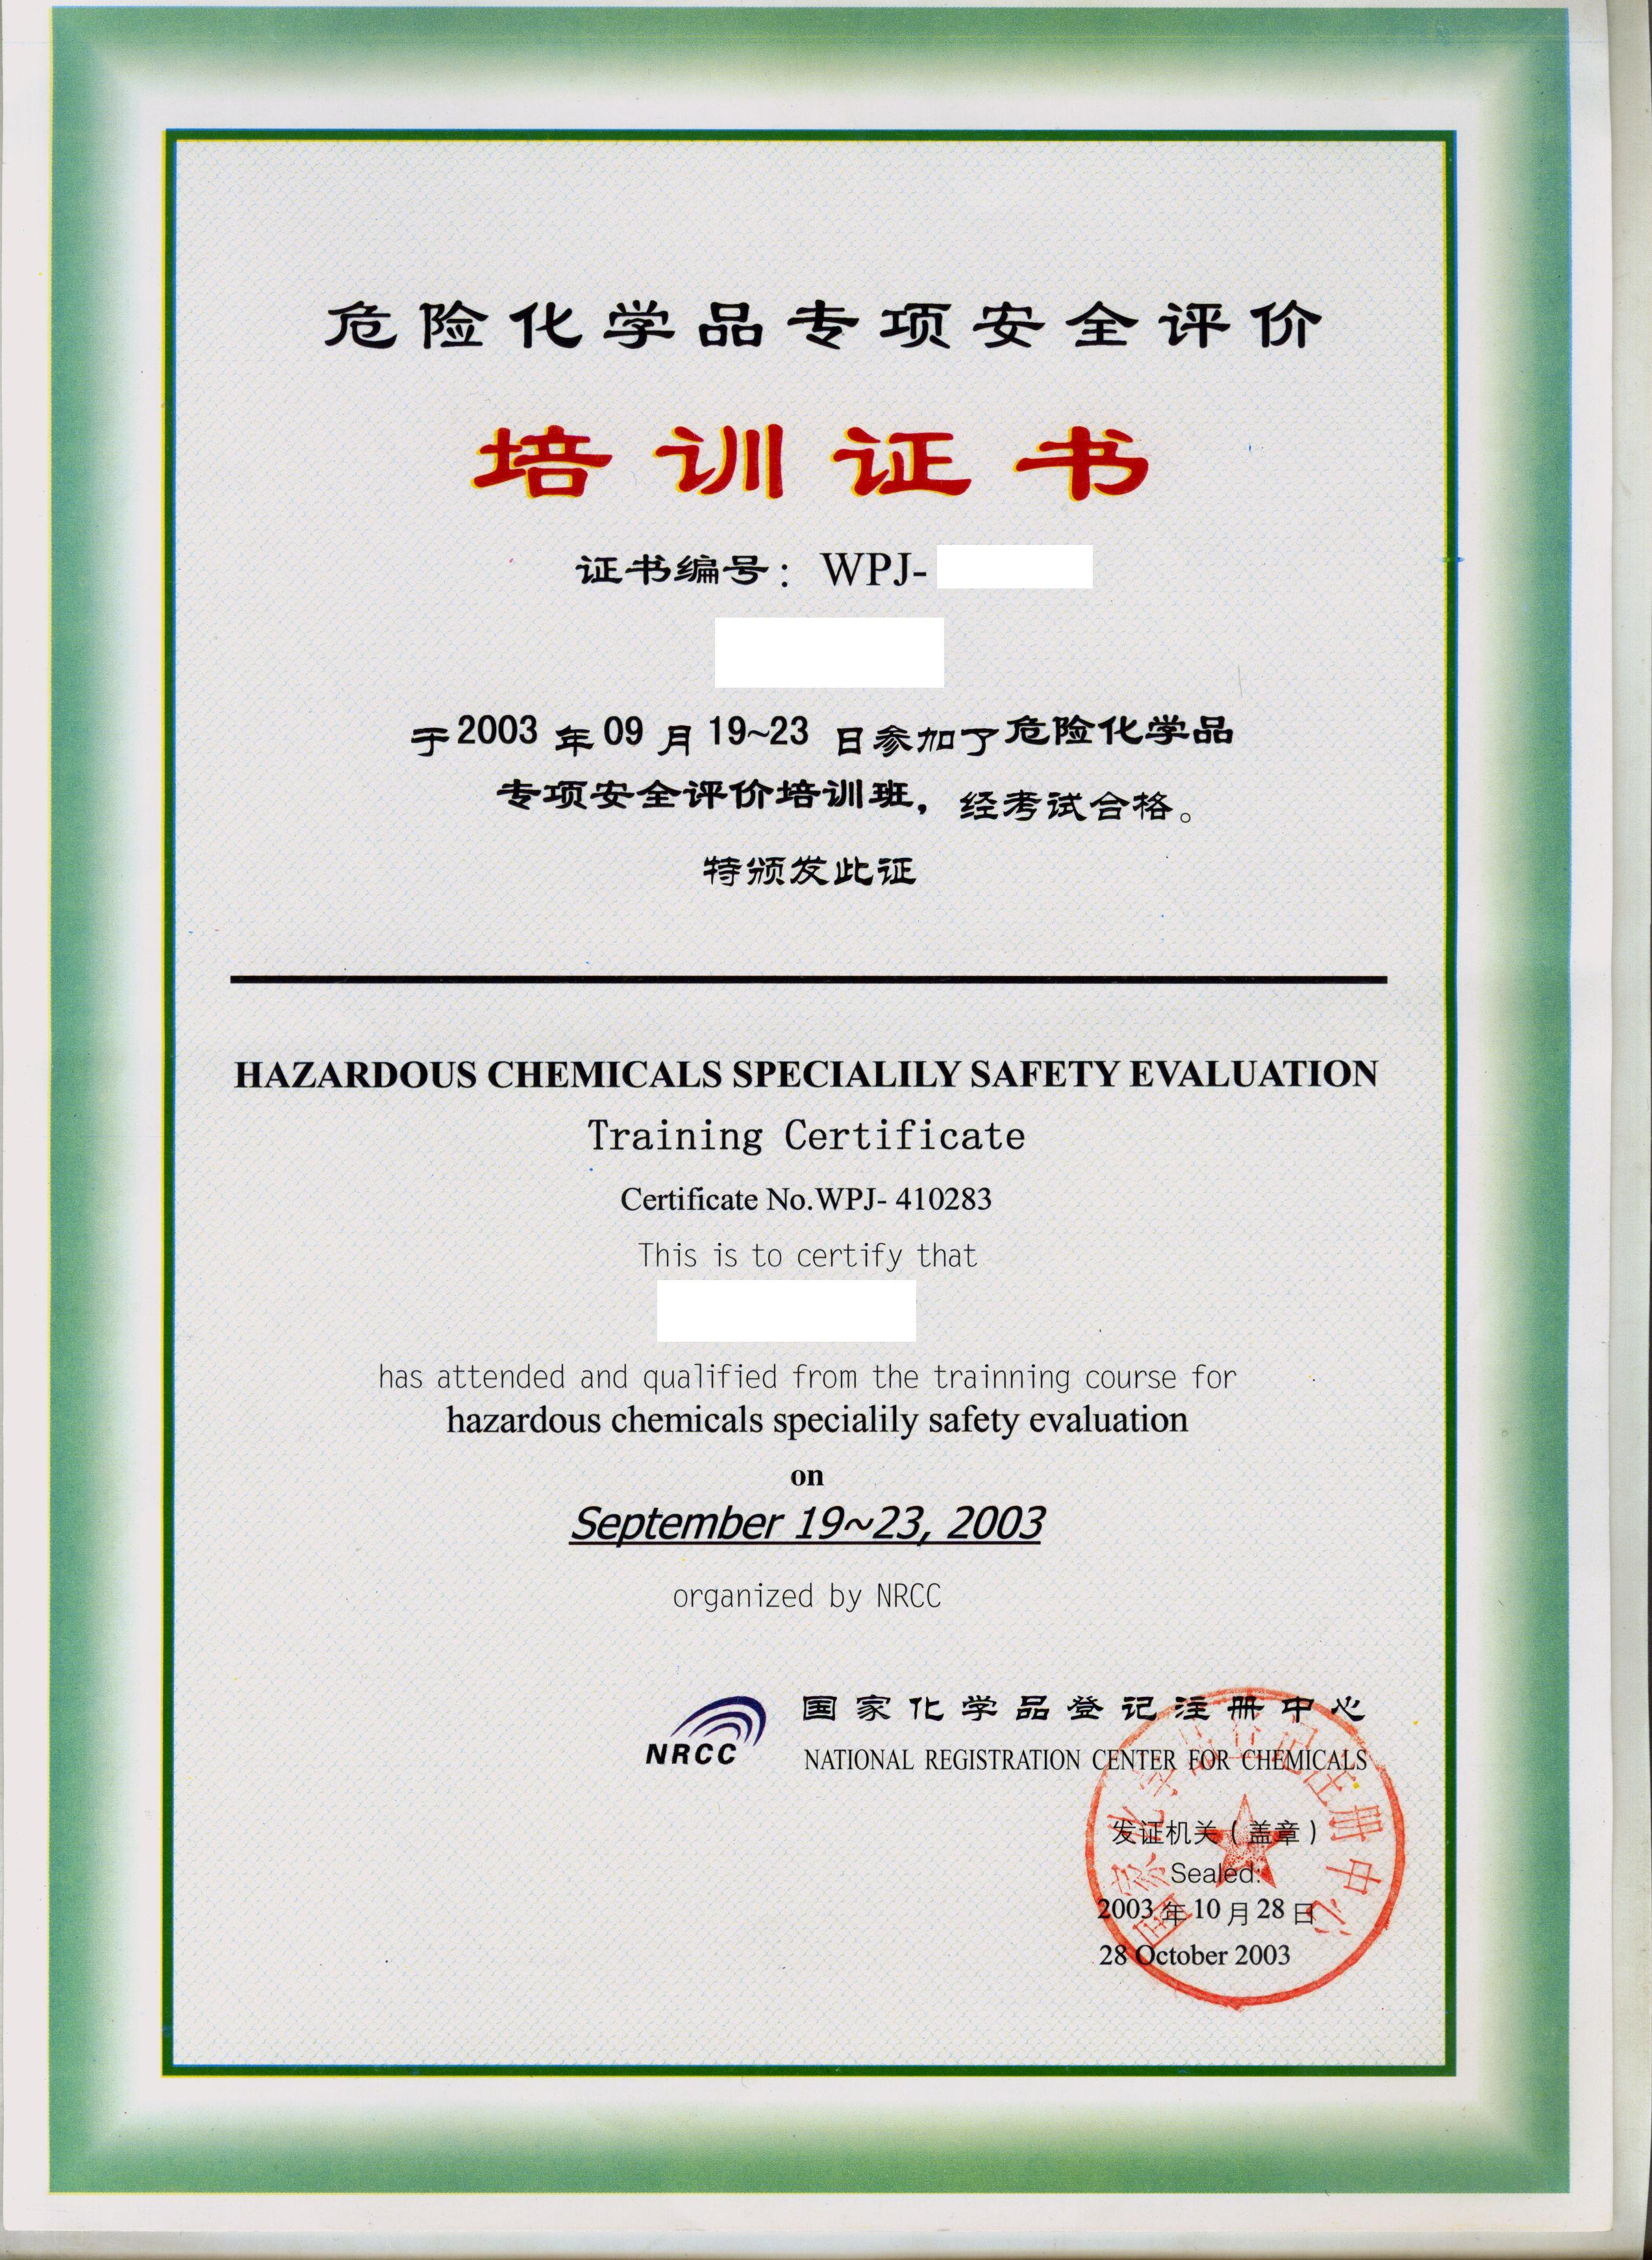 安全评价师 安全评价师考试 安全评价师报考条件